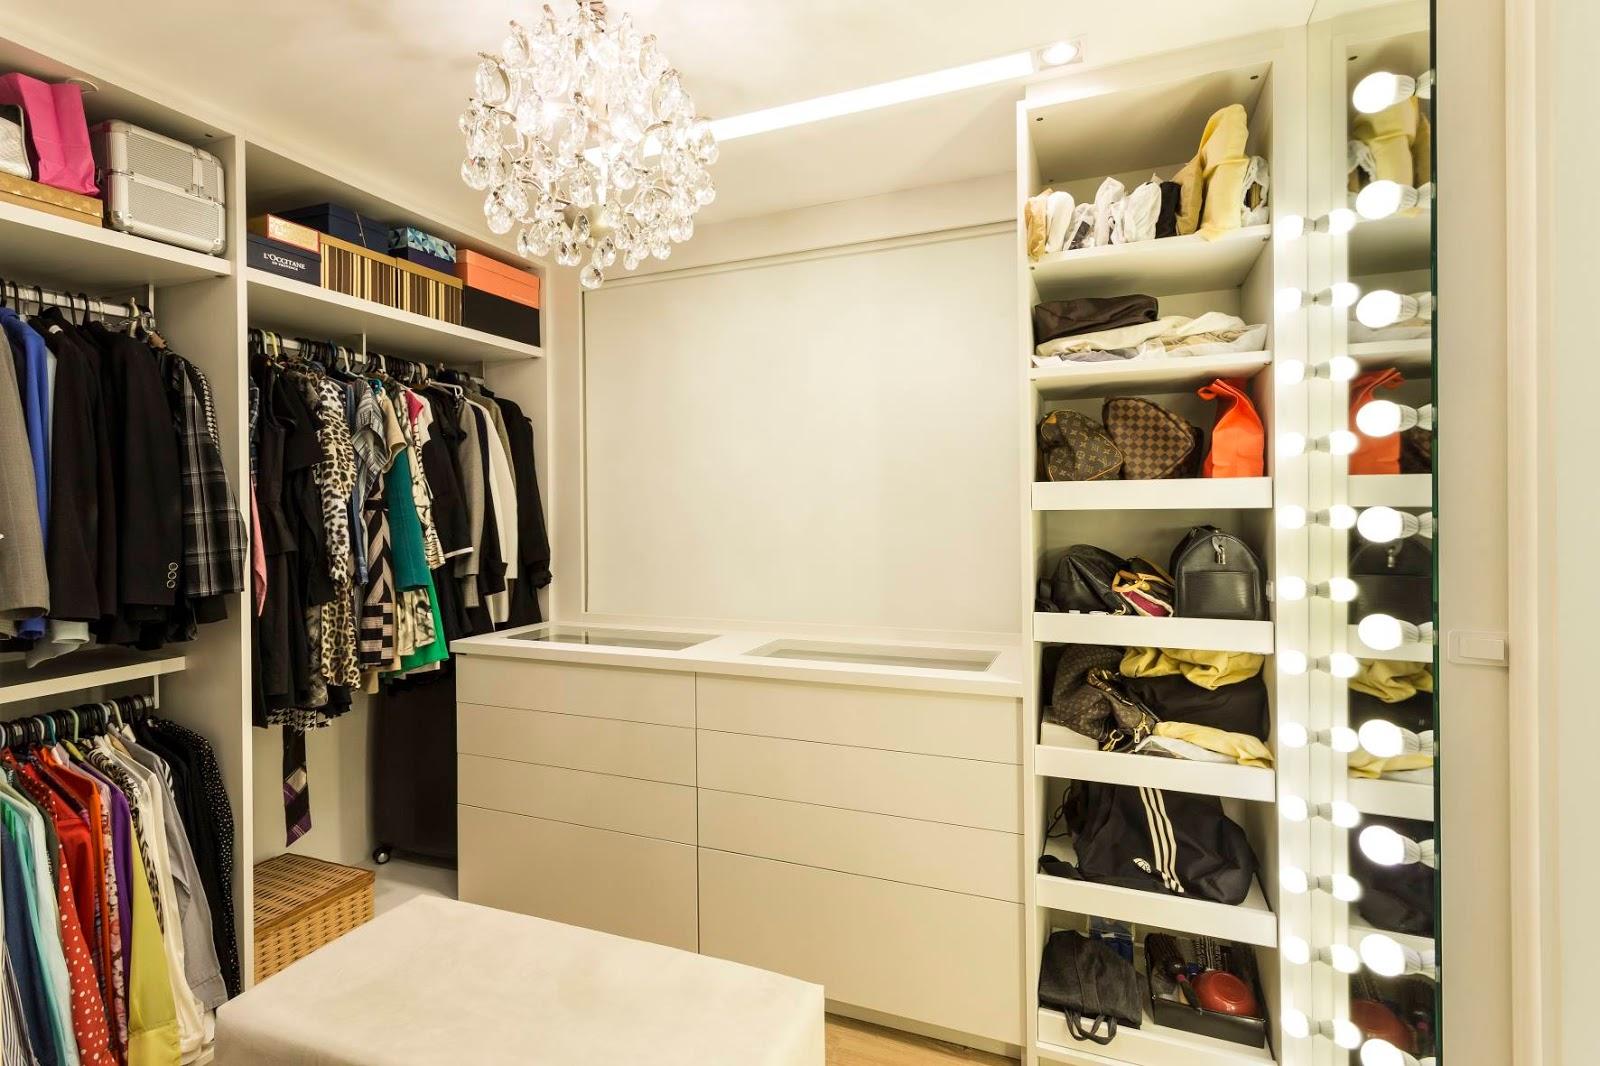 Construindo Minha Casa Clean: Móveis Planejados ou Sob Medidas? Veja  #AE381D 1600x1066